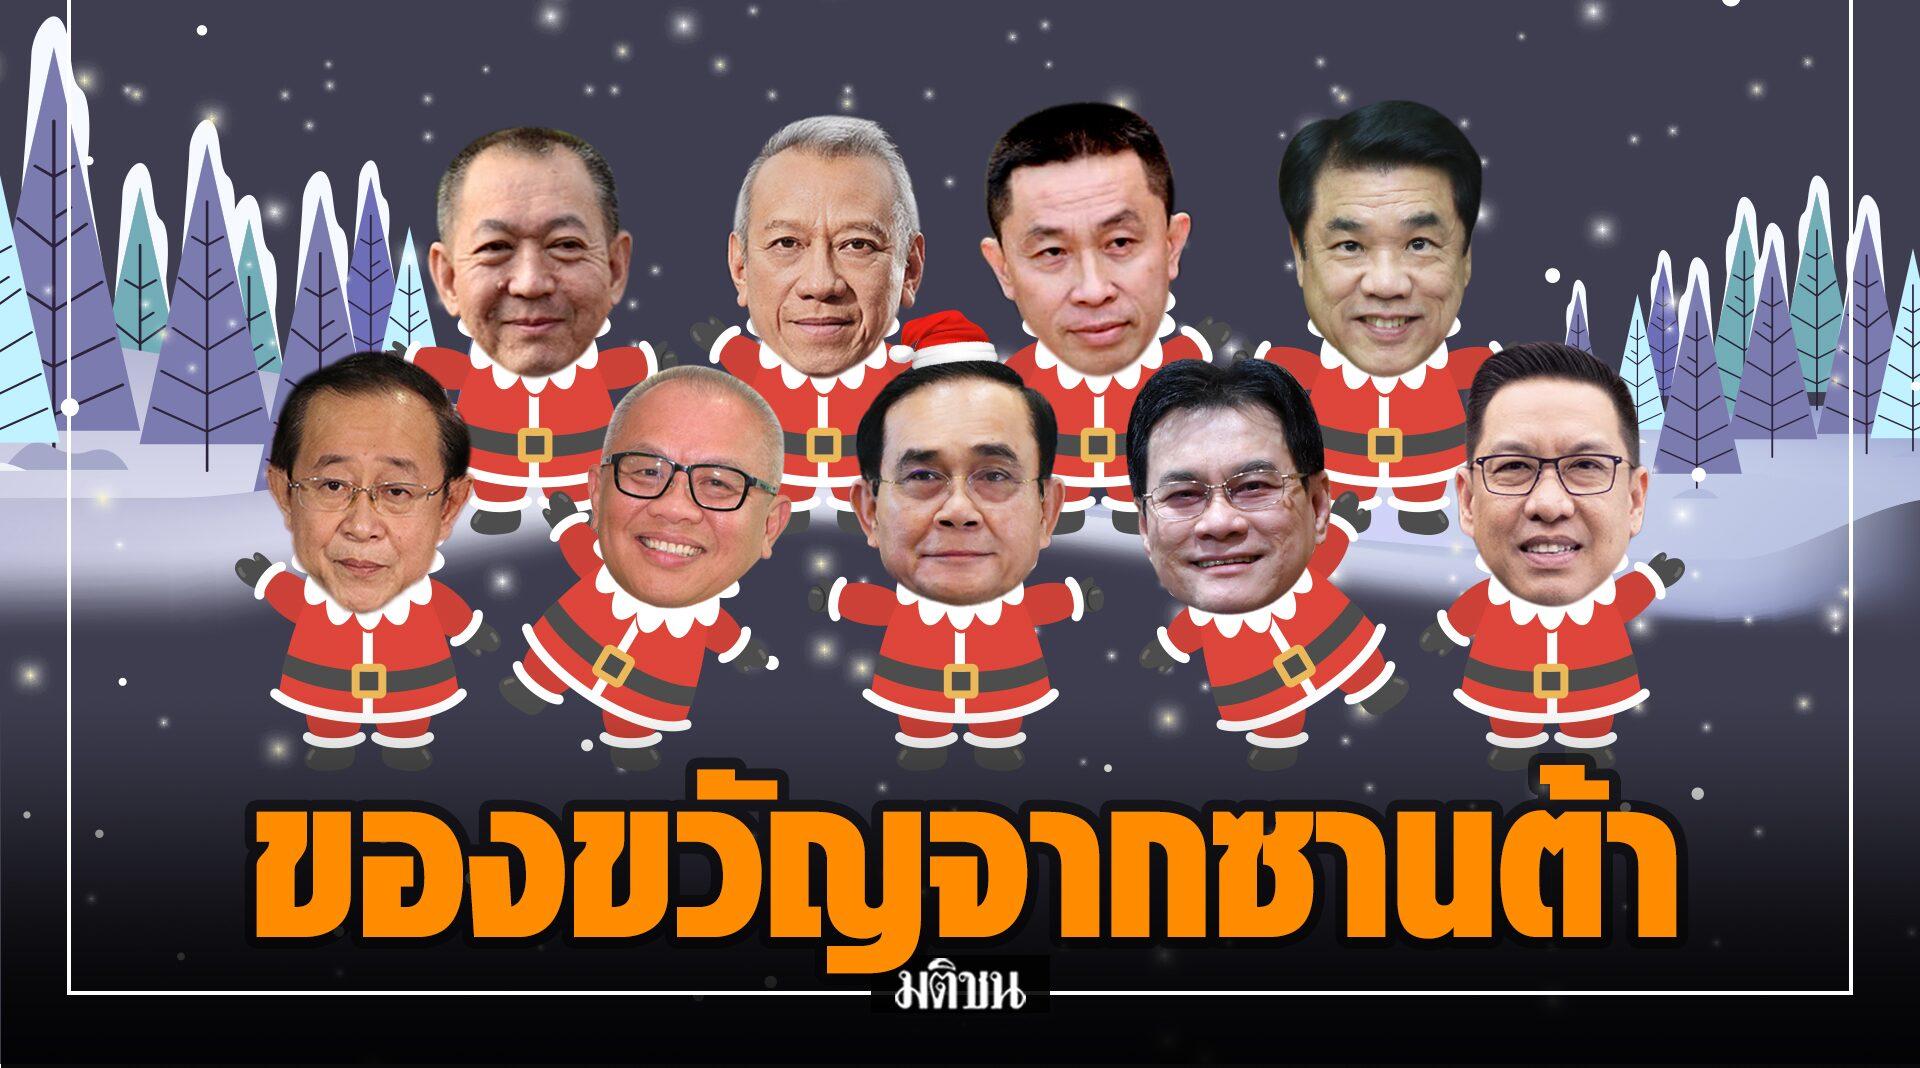 ใครได้ชิ้นไหนเช็คเลย!! ของขวัญปีใหม่ซานต้าตู่